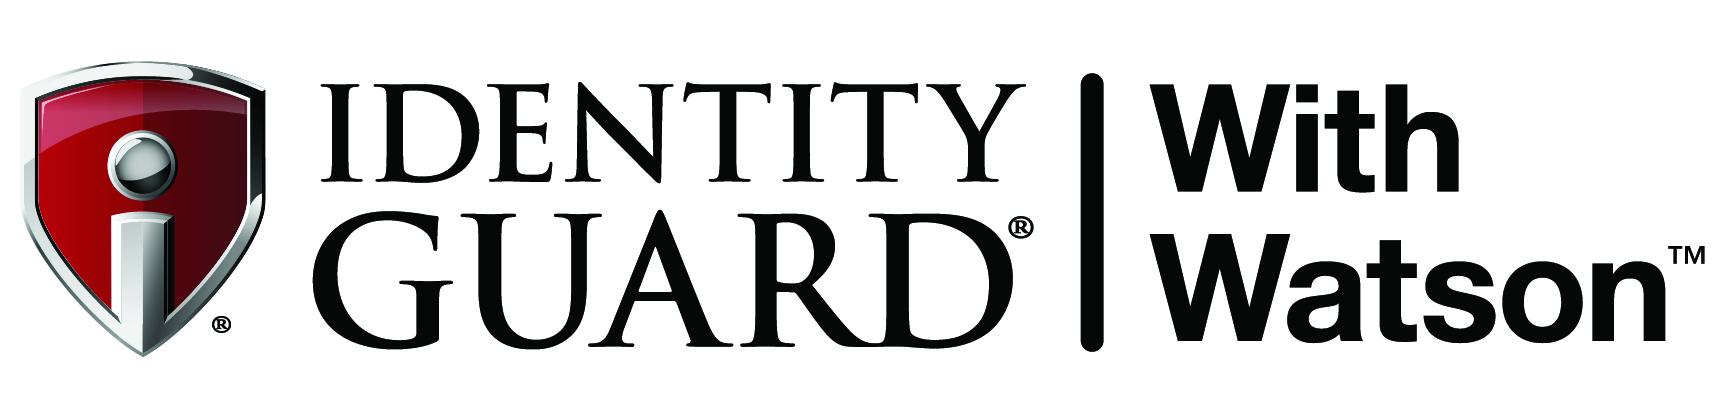 Workplace Benefits Renaissance 2018 - Identity Guard